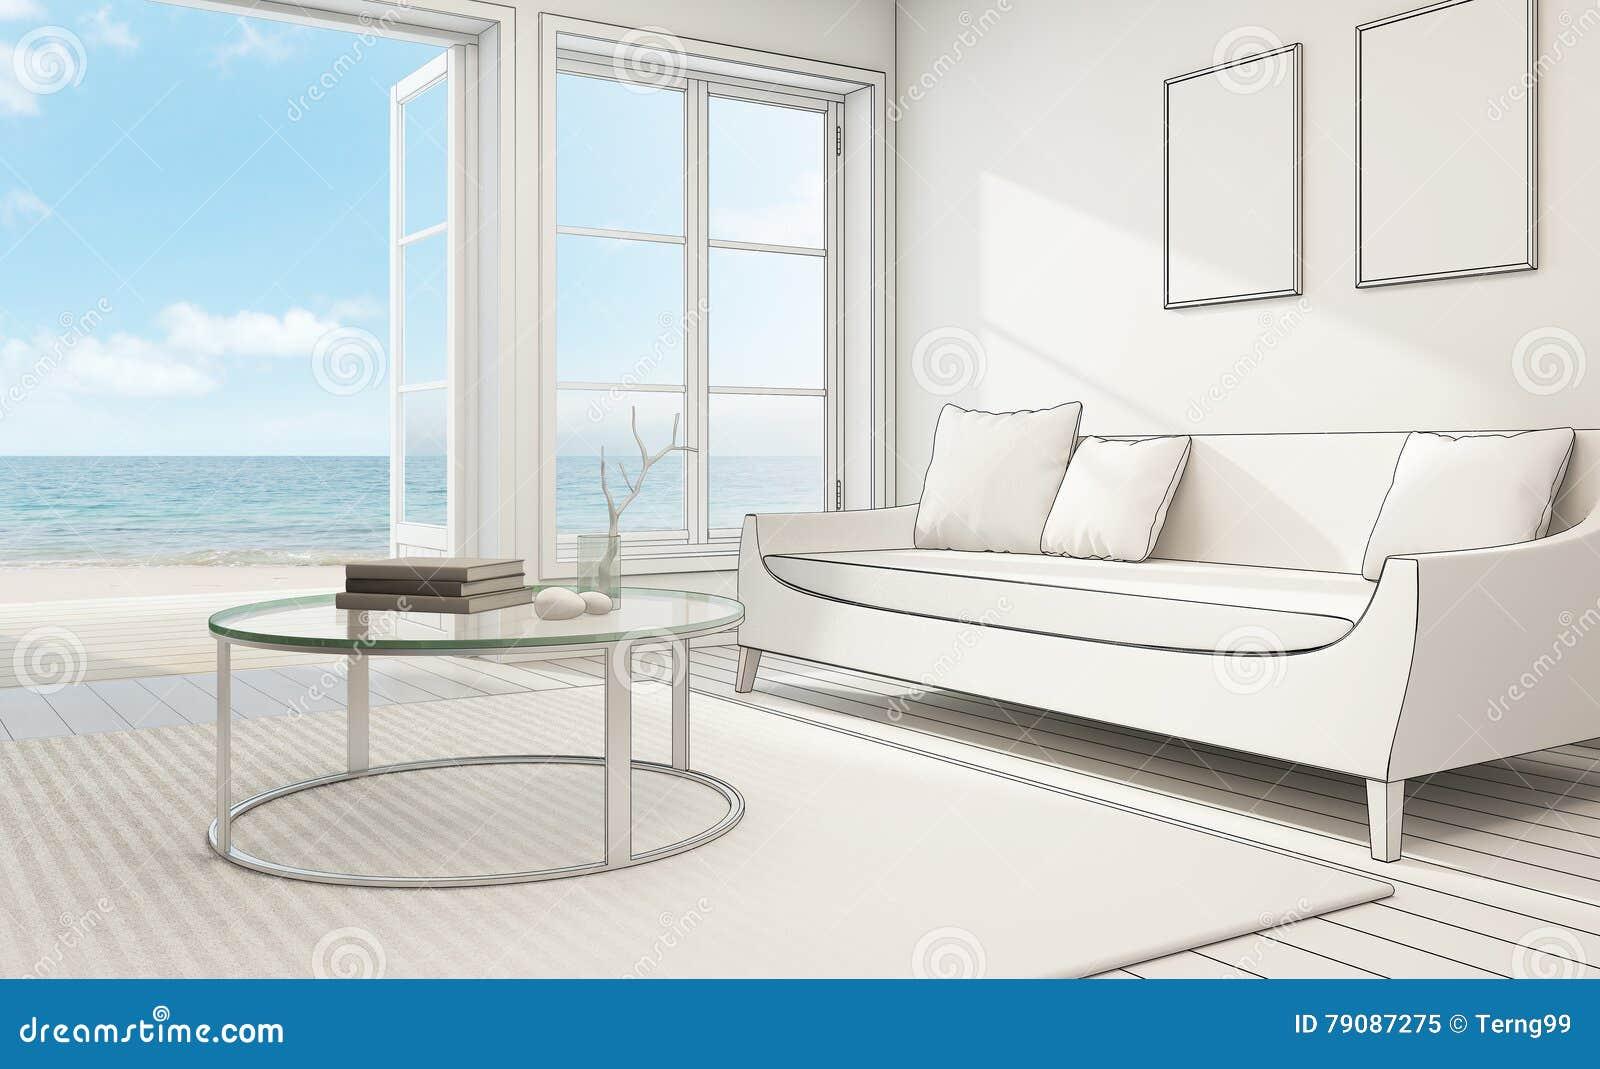 Esquissez la conception de l 39 int rieur de vue de mer dans for Conception de structure de maison moderne